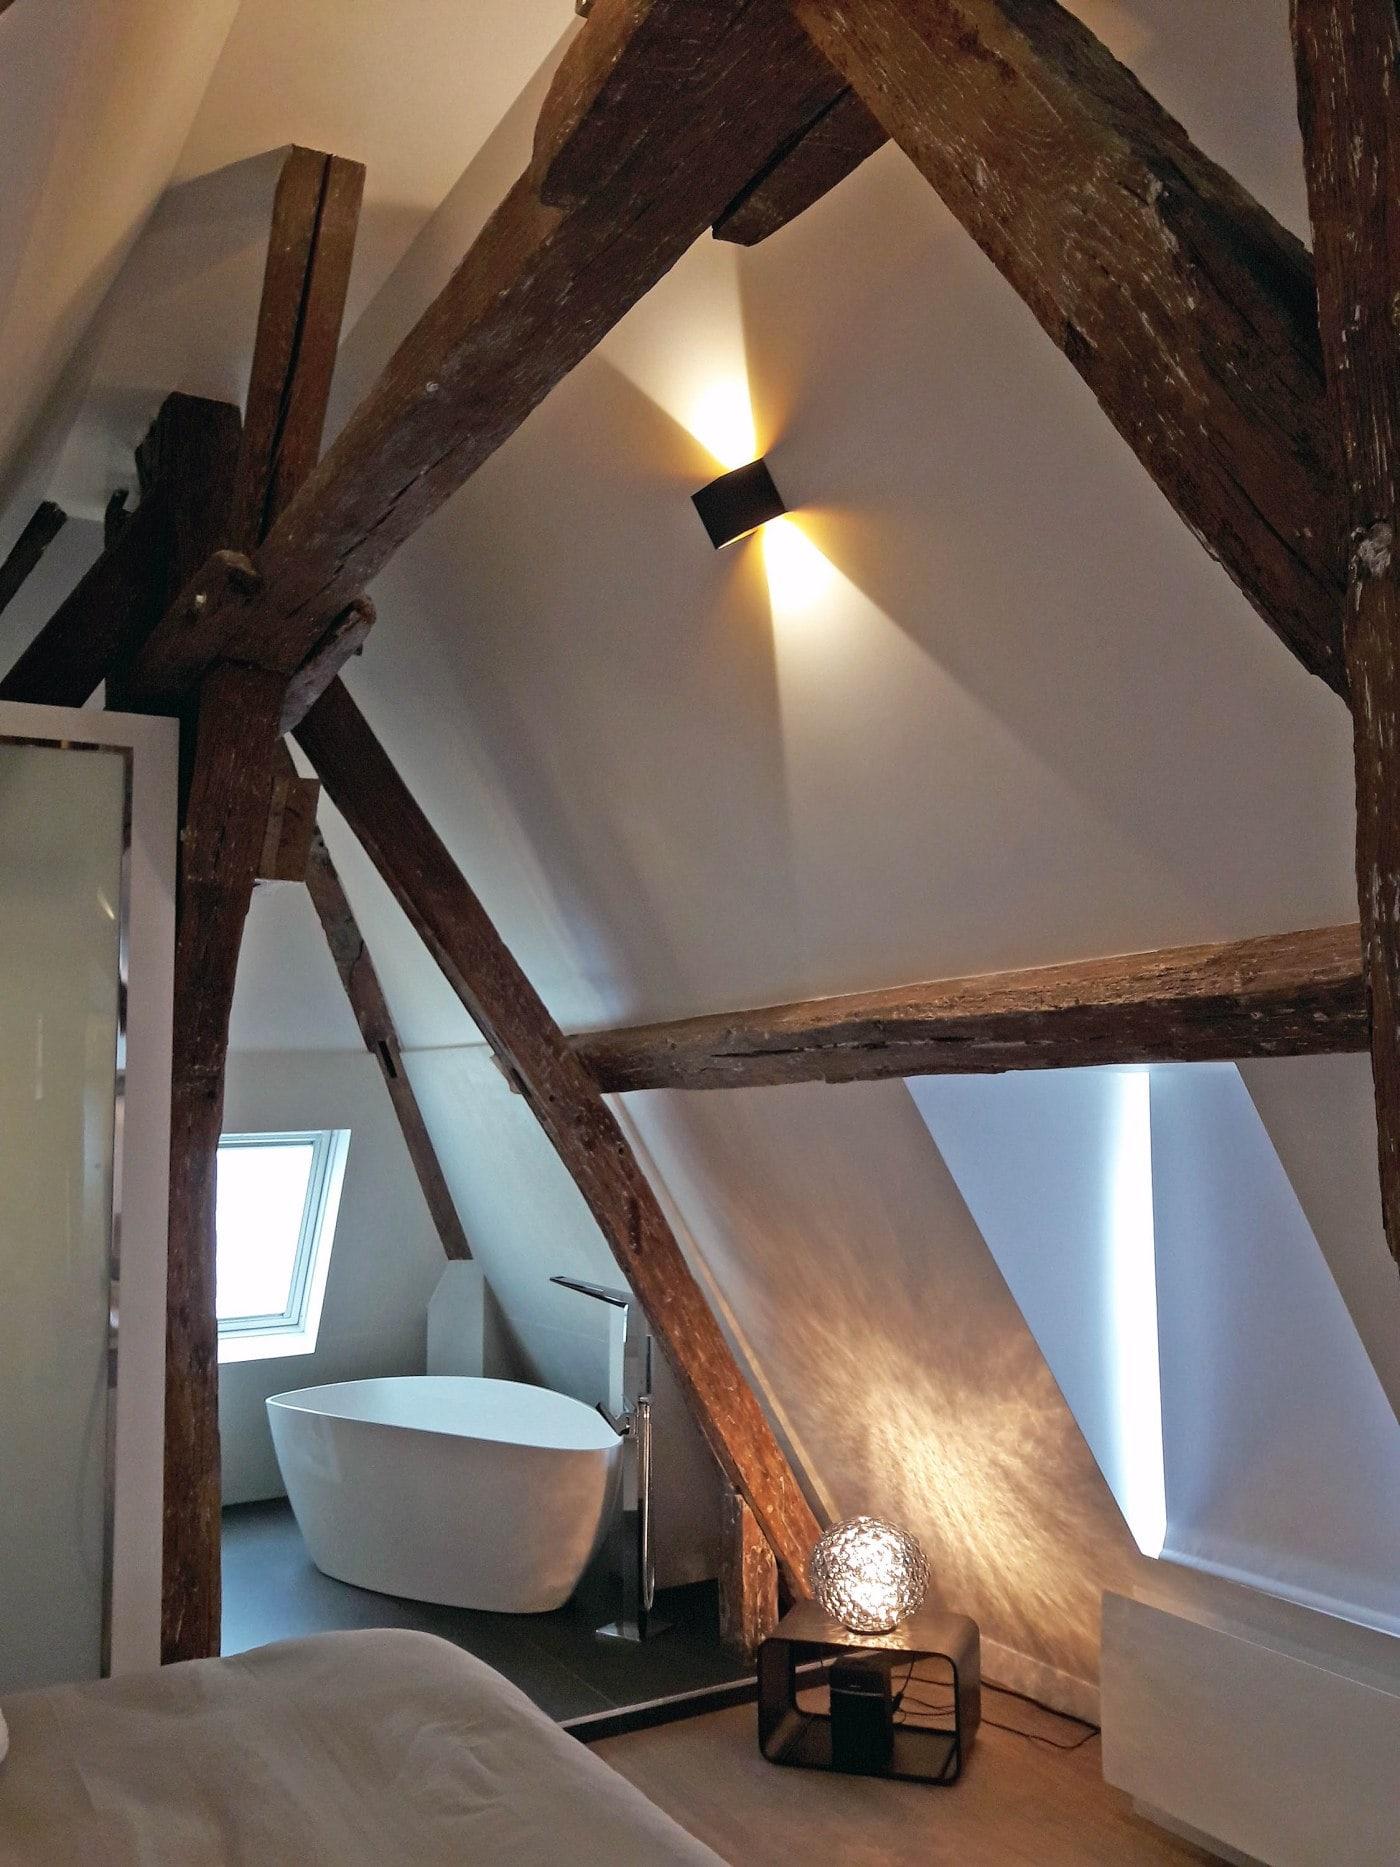 Travaux de rénovation et maitrise d'œuvre d'un appartement parisien sous les toits 19